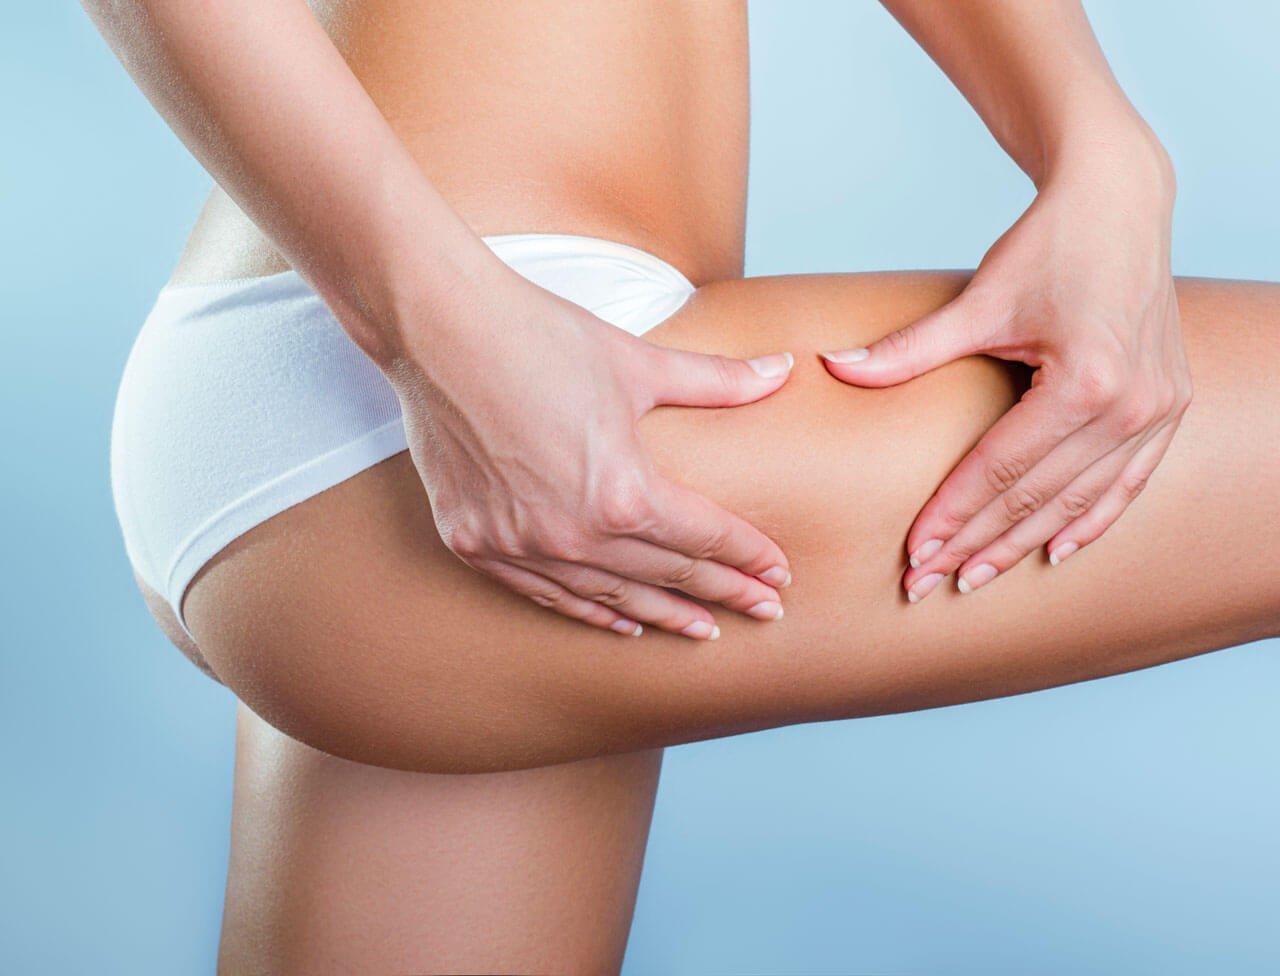 Проверенные способы борьбы с целлюлитом на попе и ногах